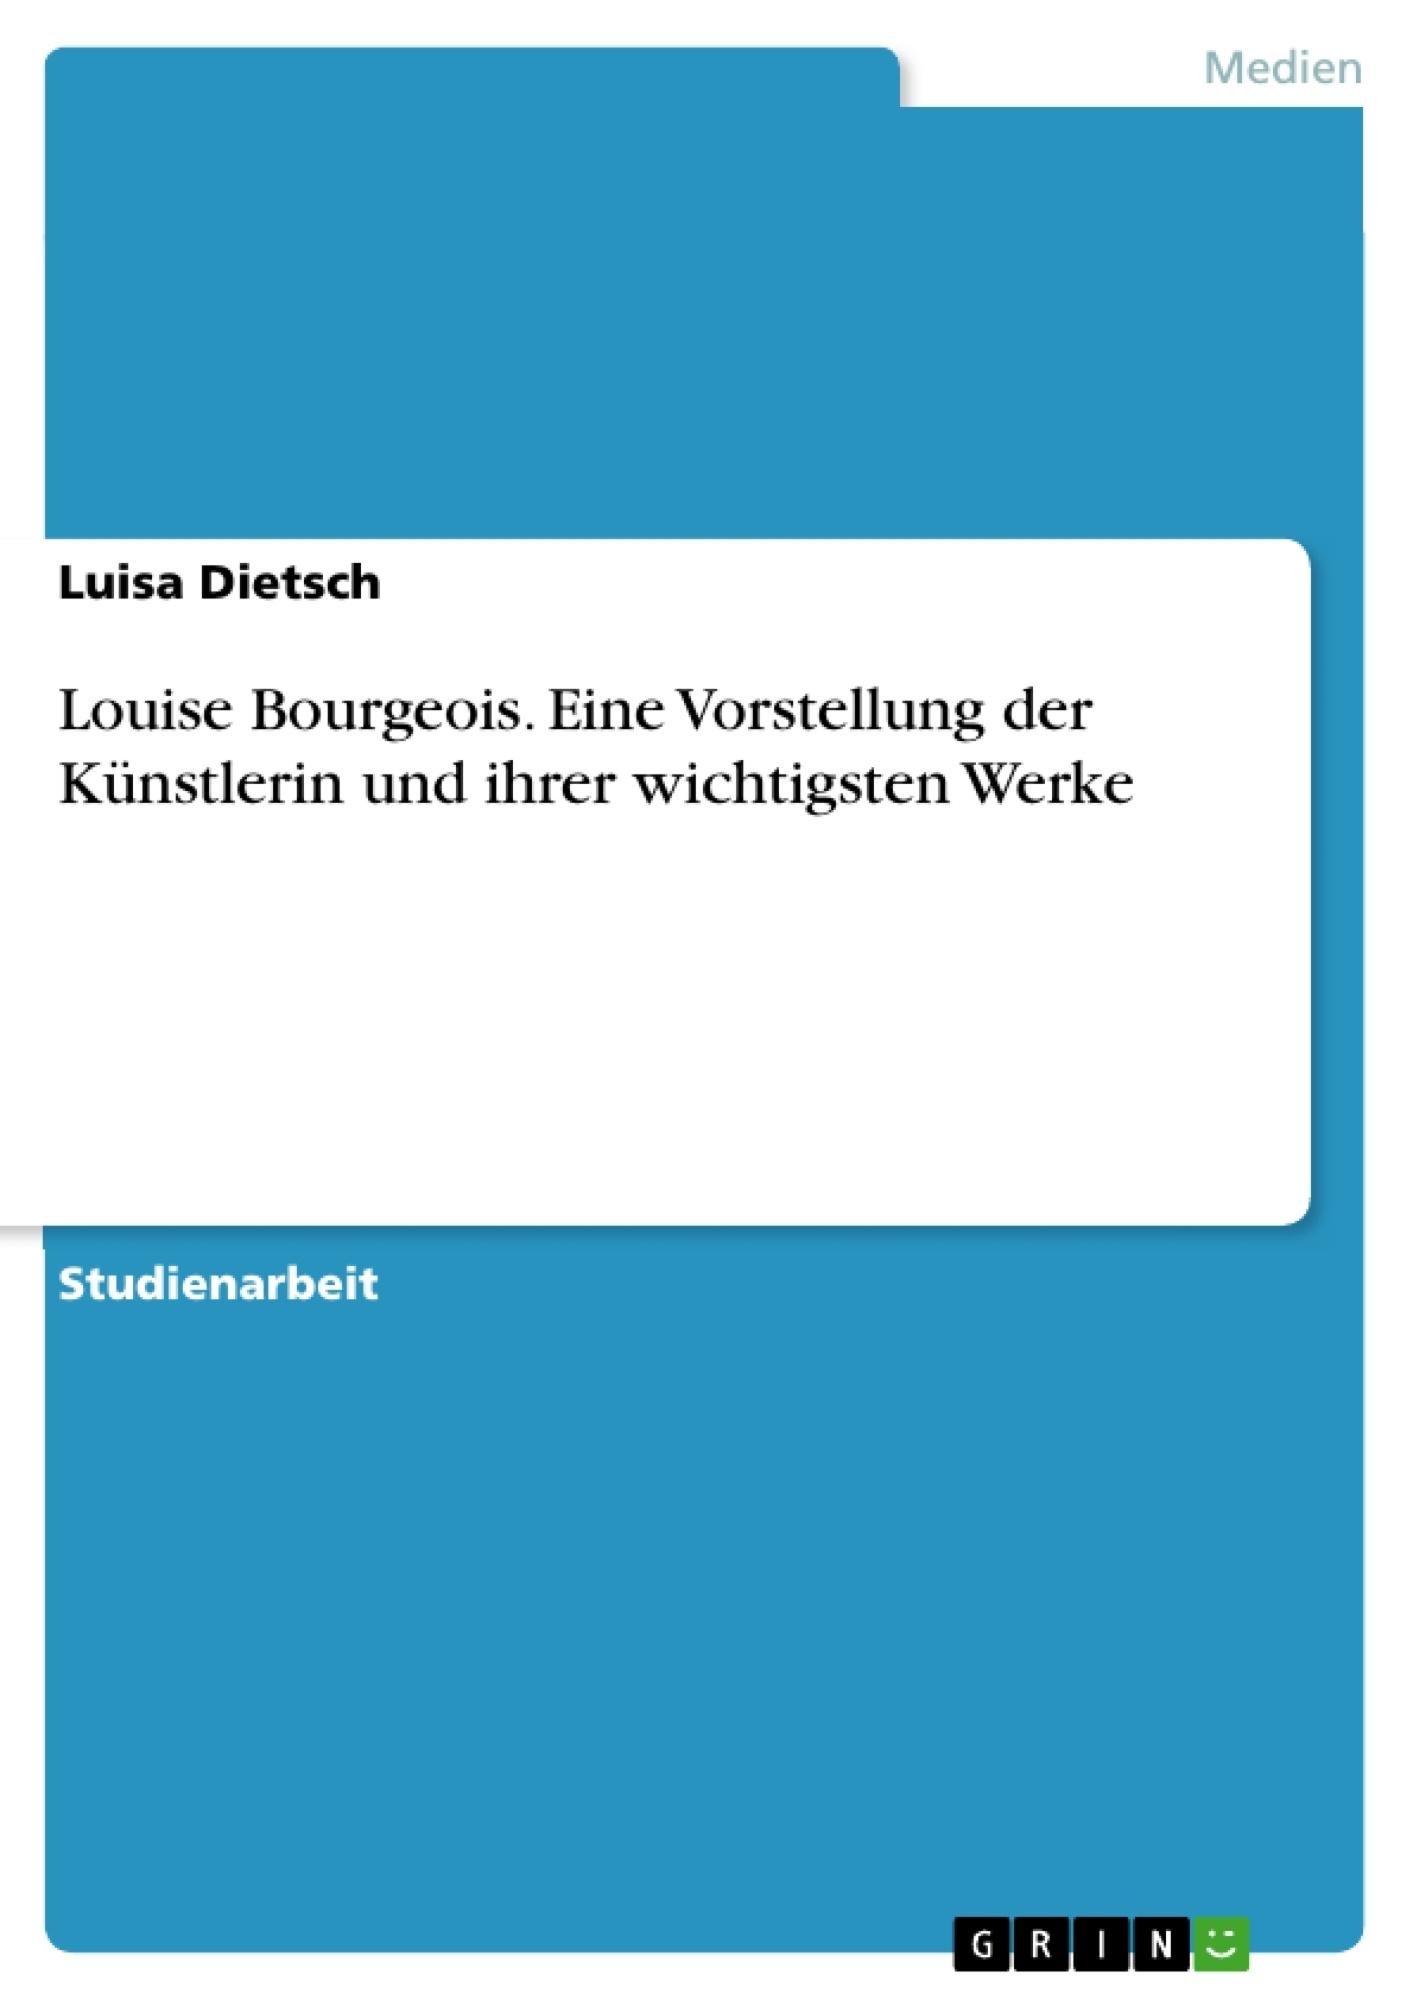 Titel: Louise Bourgeois. Eine Vorstellung der Künstlerin und ihrer wichtigsten Werke